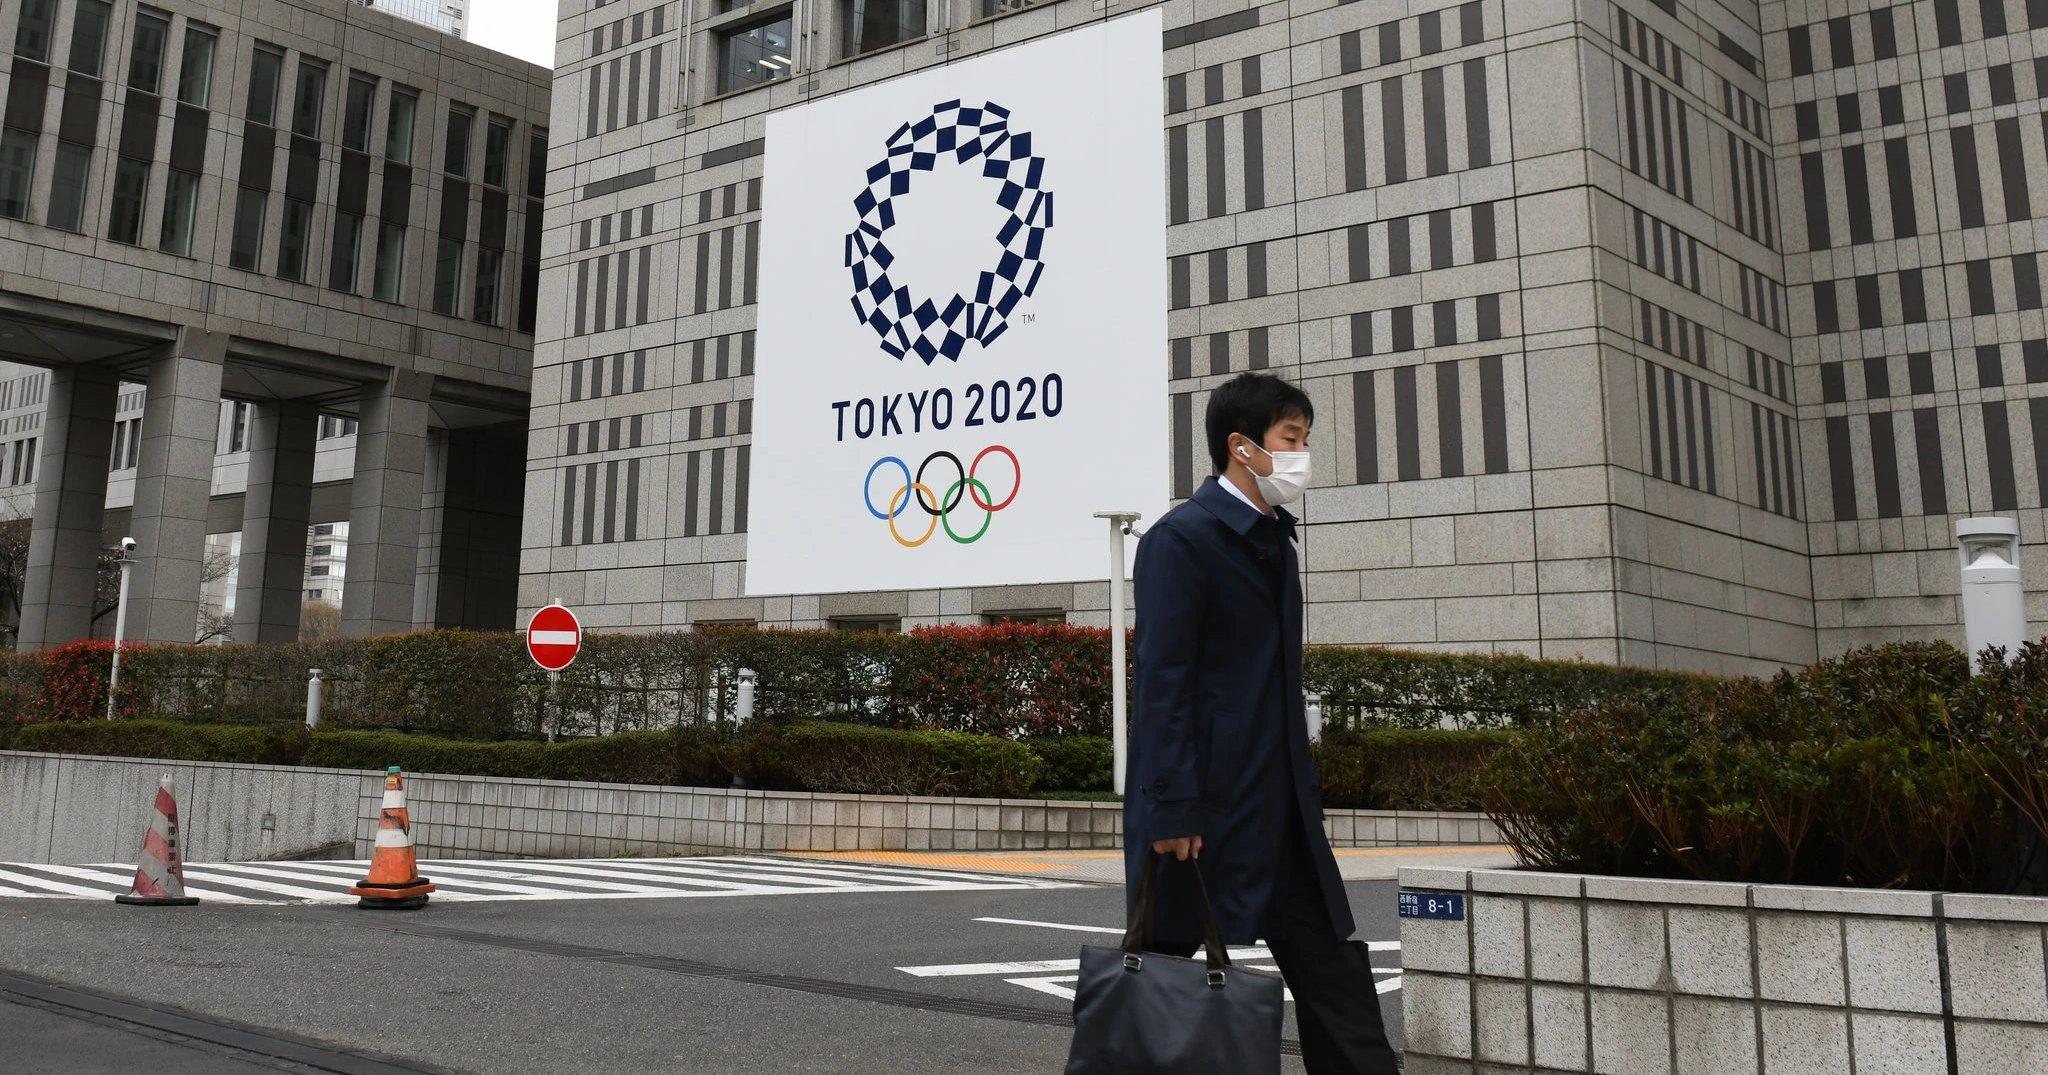 Впервые со Второй мировой войны Олимпийские игры перенесены